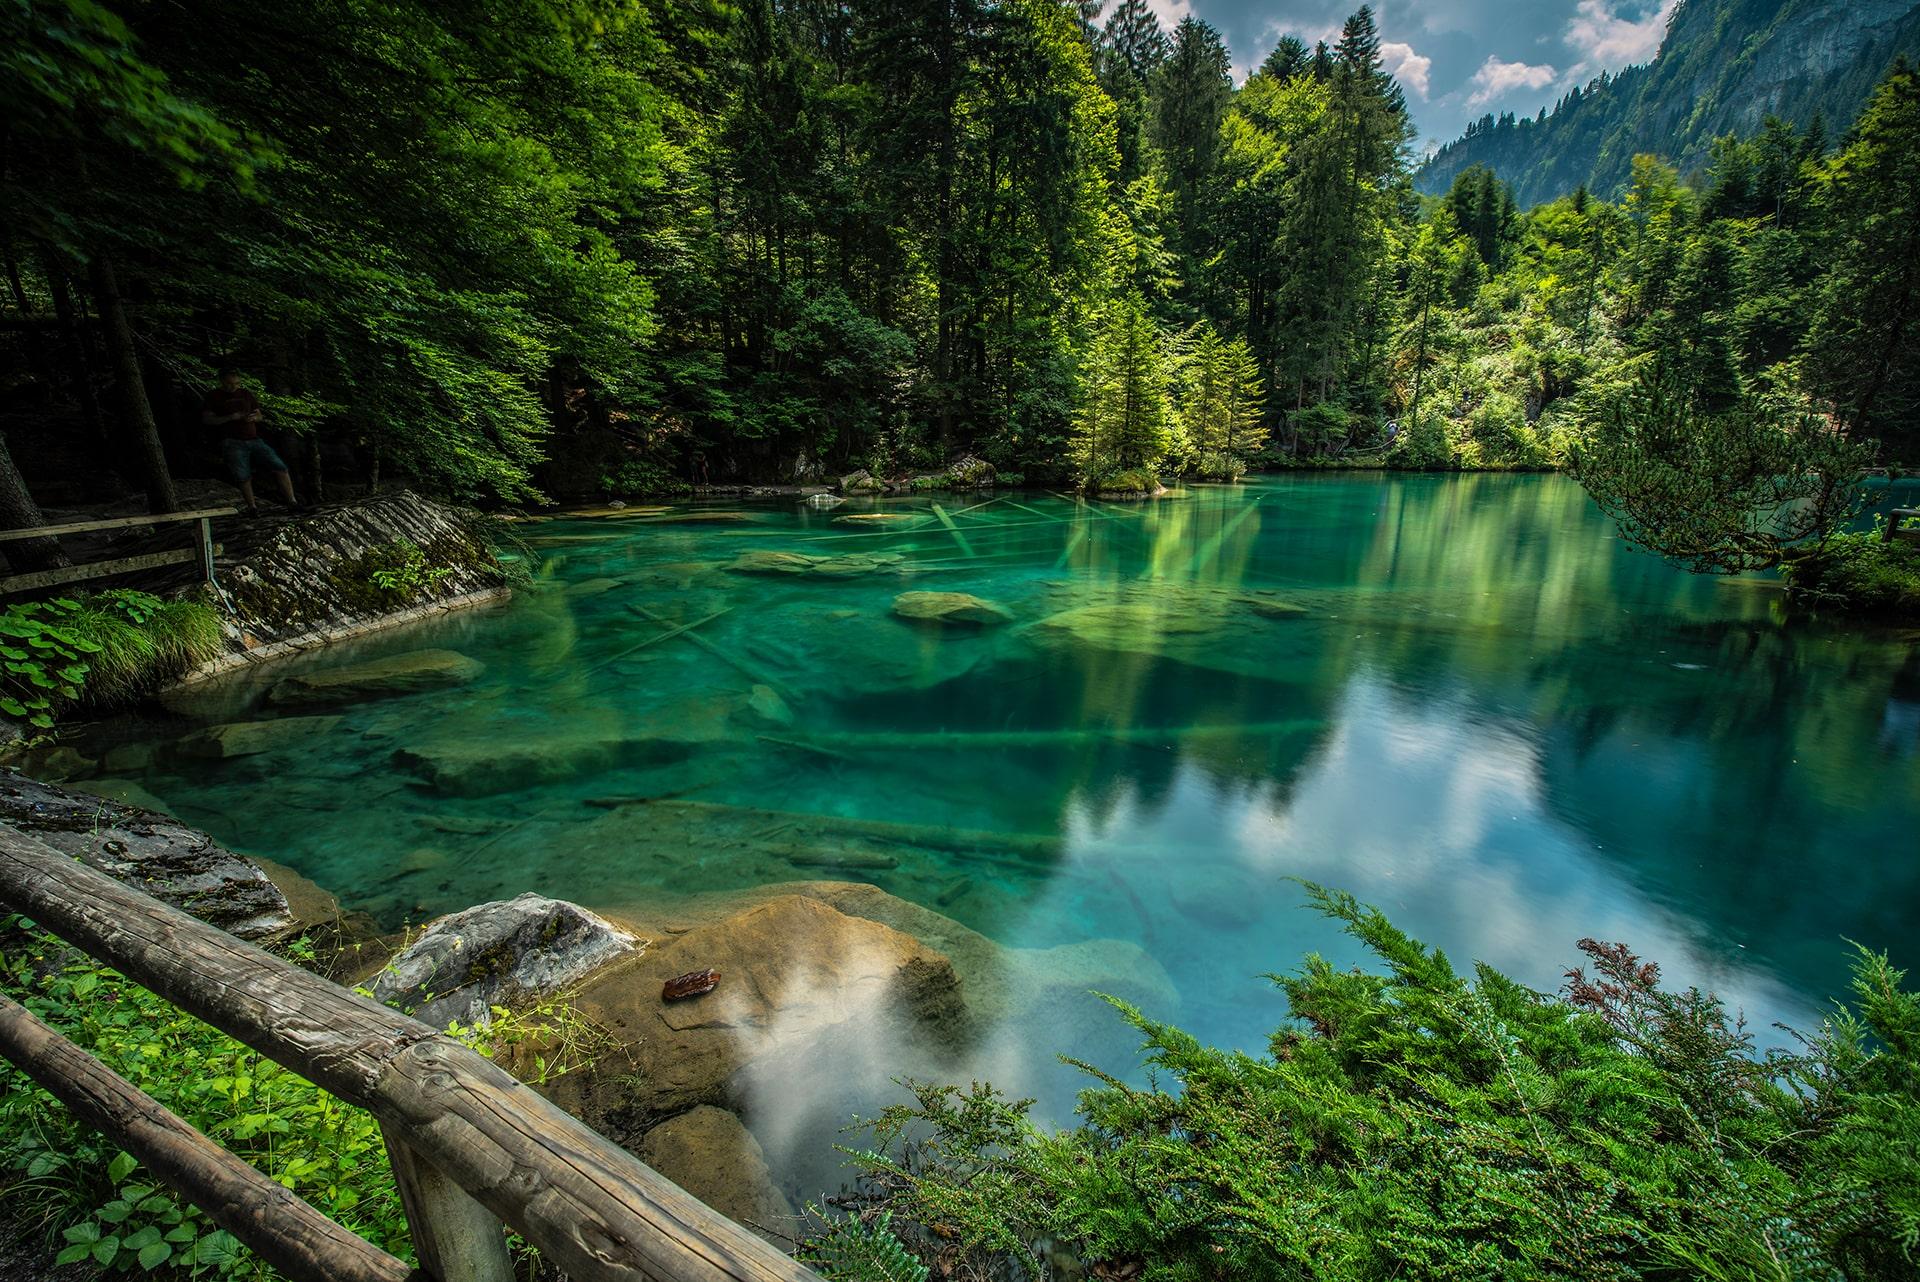 Blog Lifestyle - Le lac bleu typique des montagnes - Suivre sa Joie - Saskia Parein